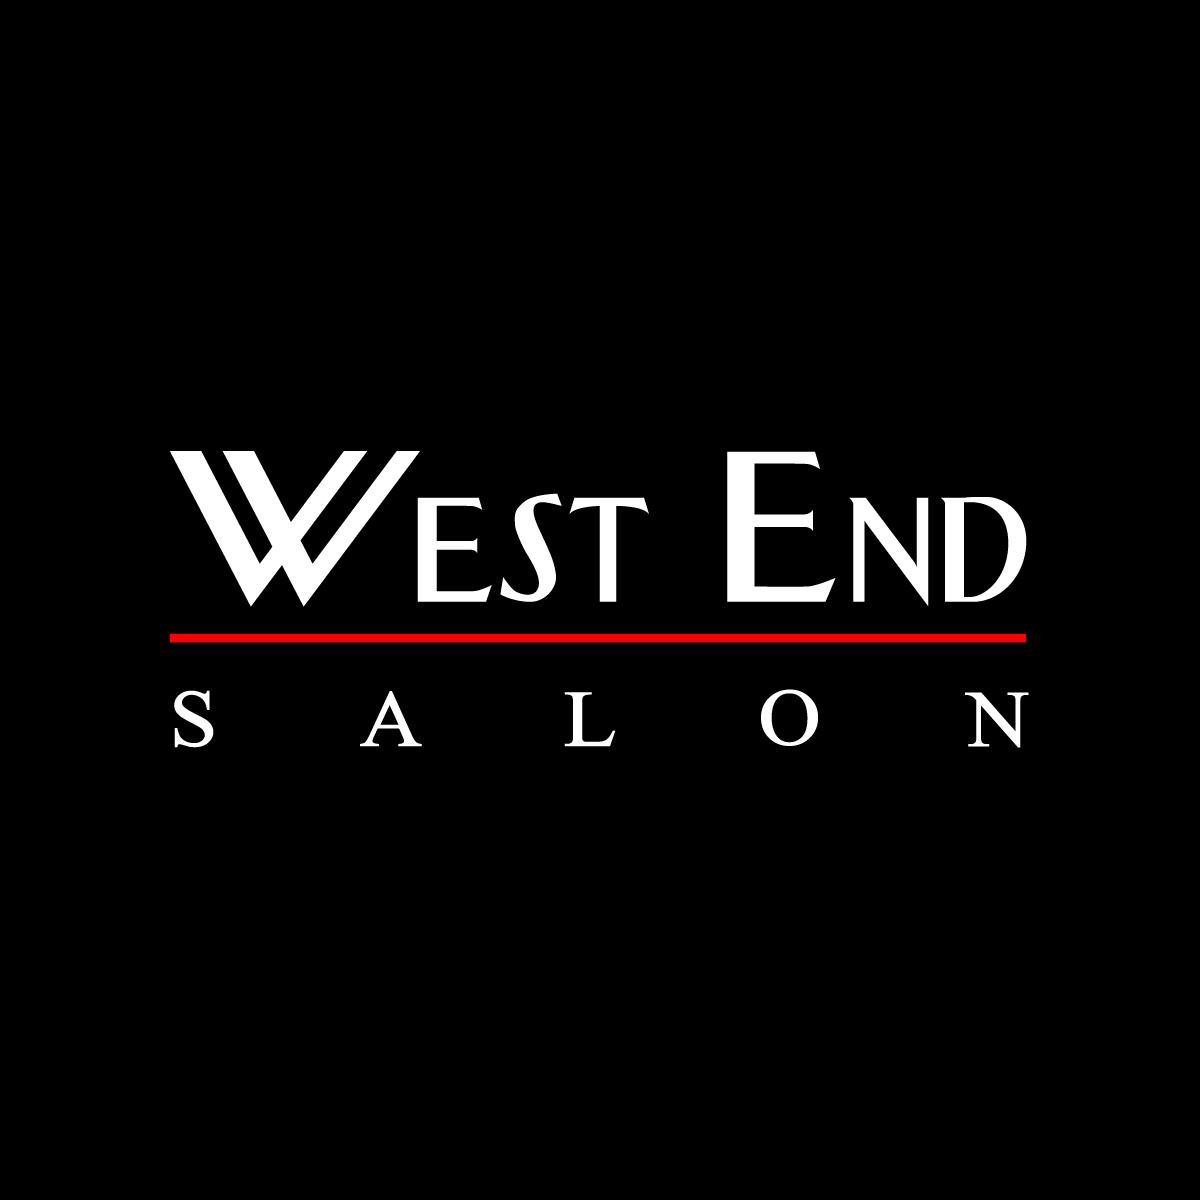 West End Salon